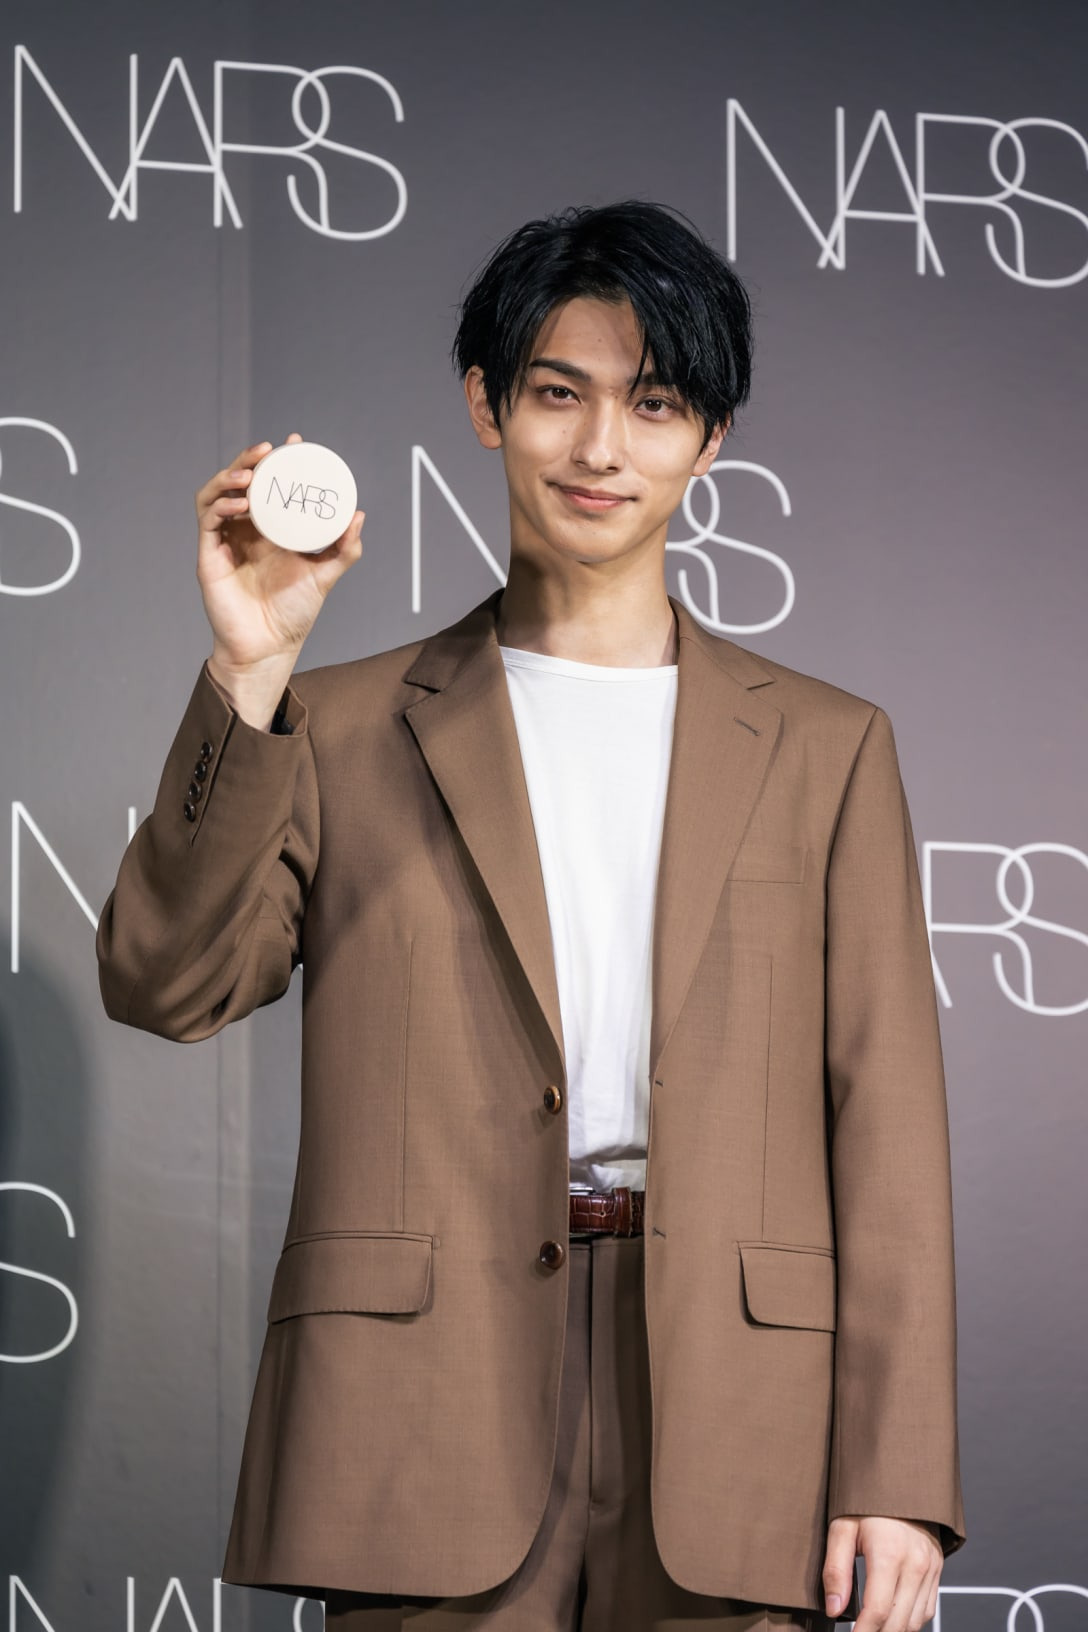 横浜流星 Image by FASHIONSNAP.COM